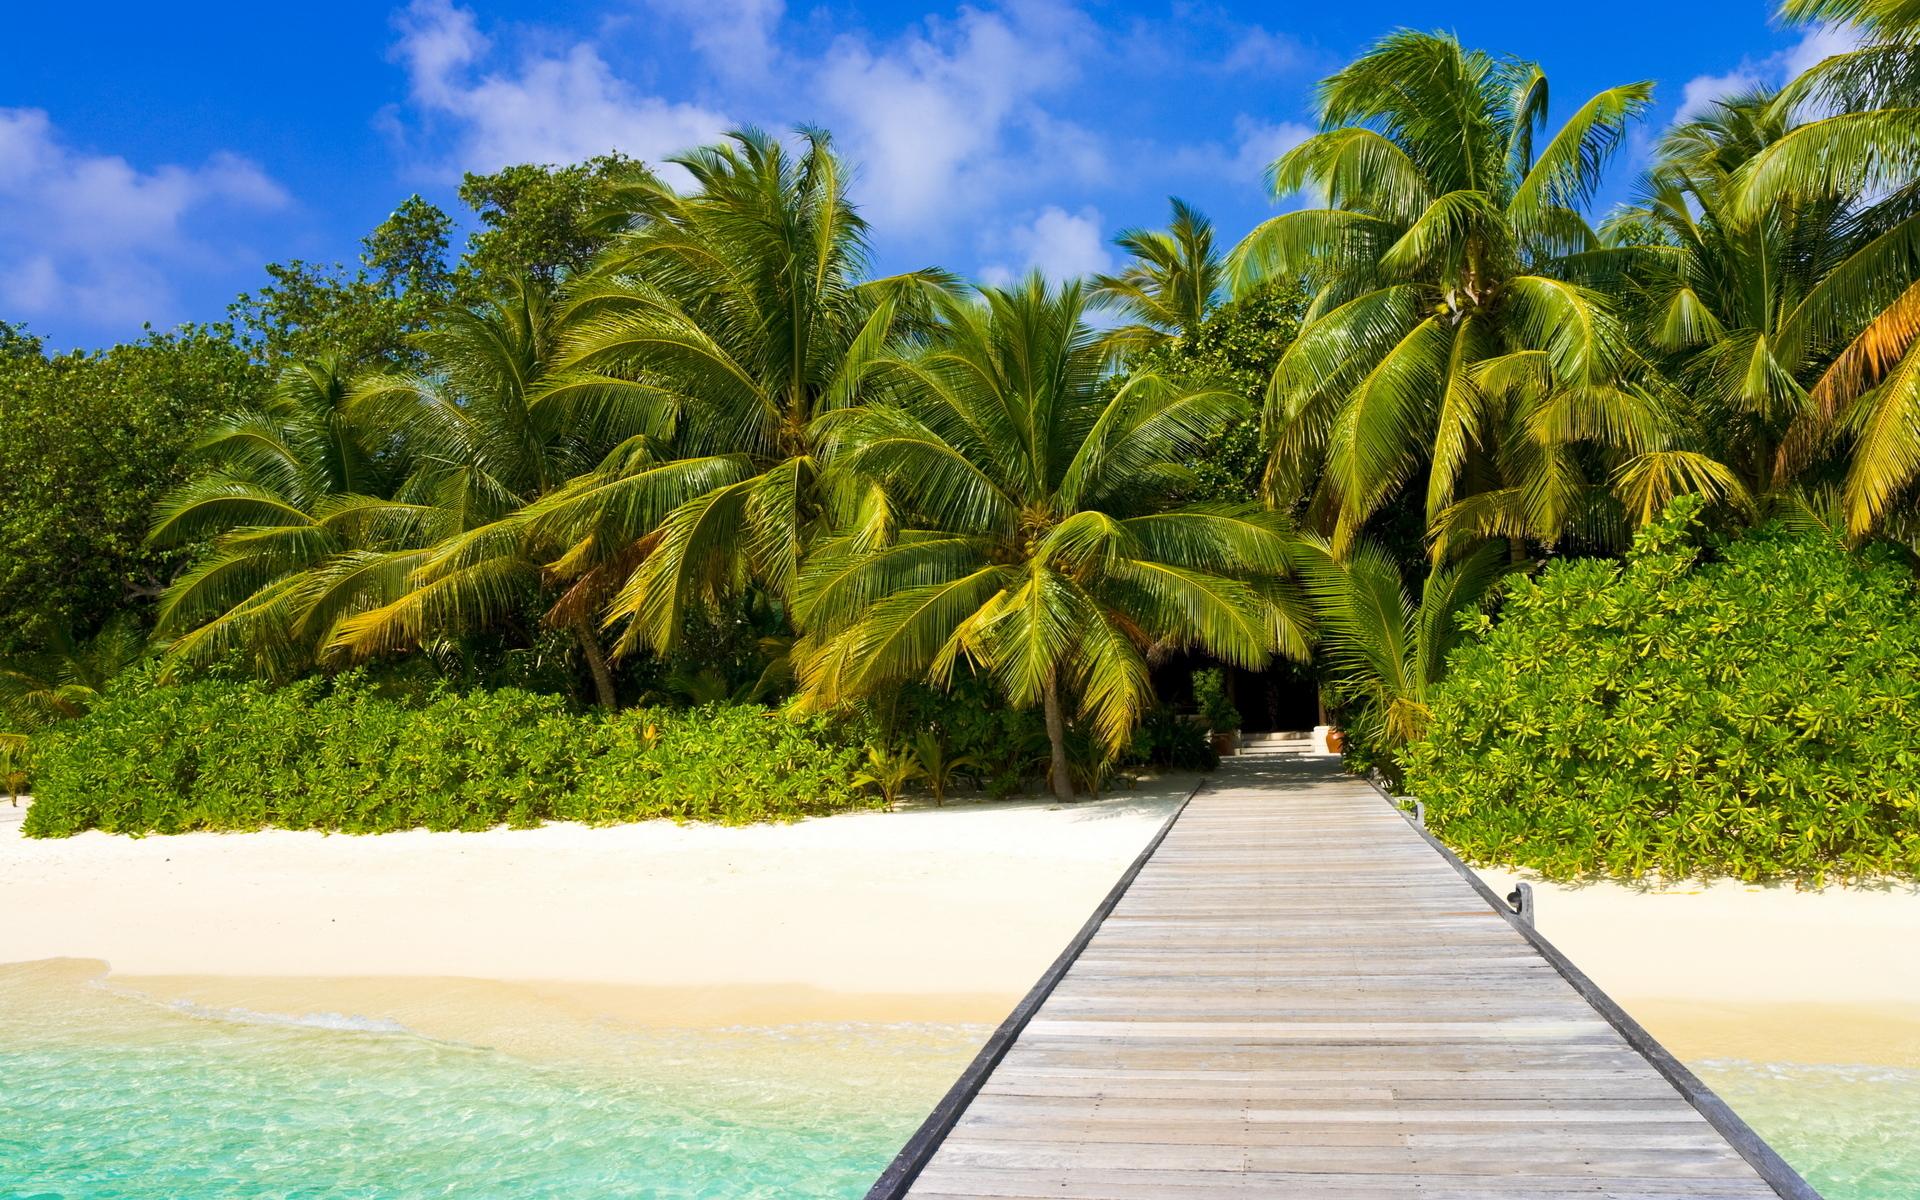 природа песок пляж дома море пальмы  № 3778393 загрузить